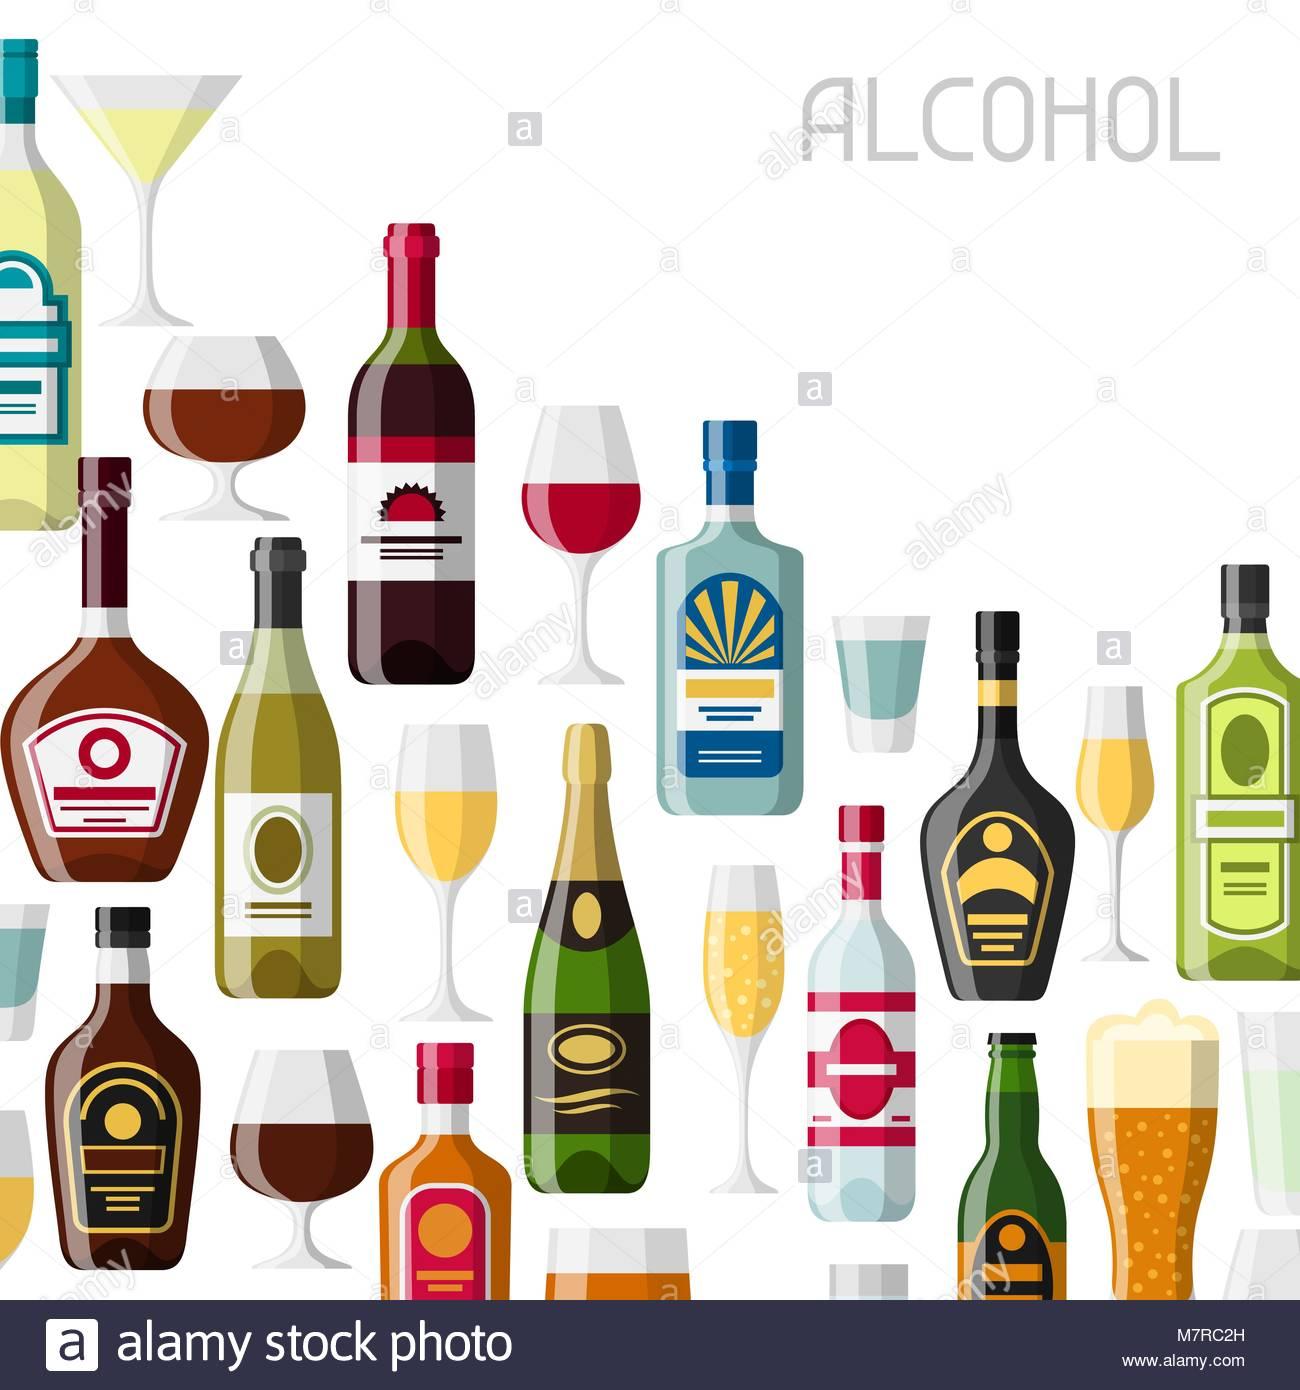 Alcohol drinks background design Bottles glasses for restaurants 1300x1390